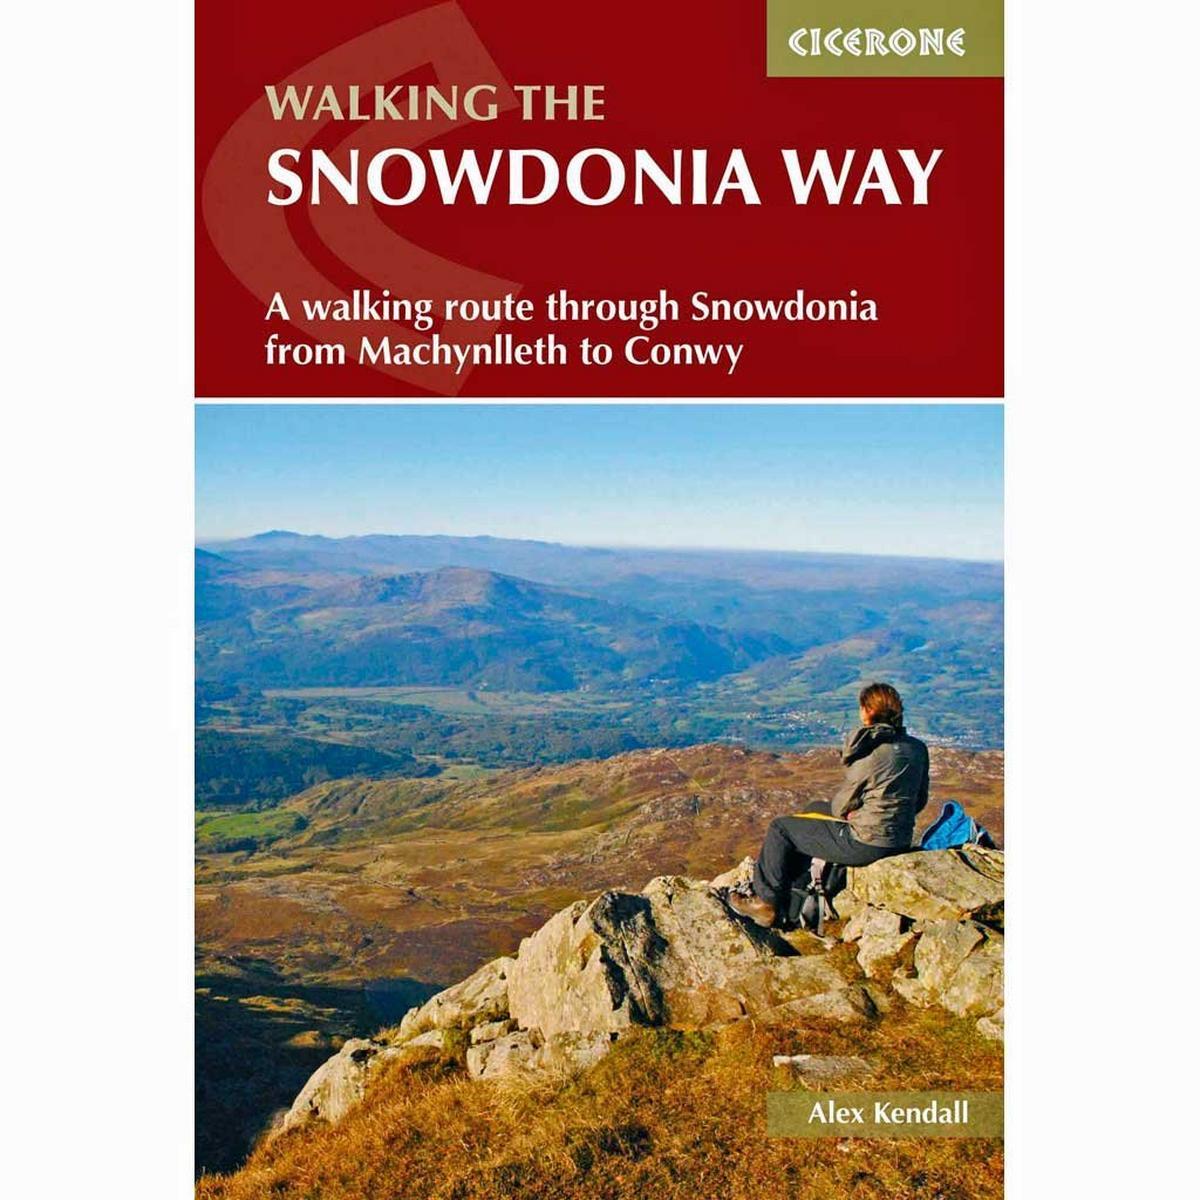 Cicerone Guidebook: Walking The Snowdonia Way